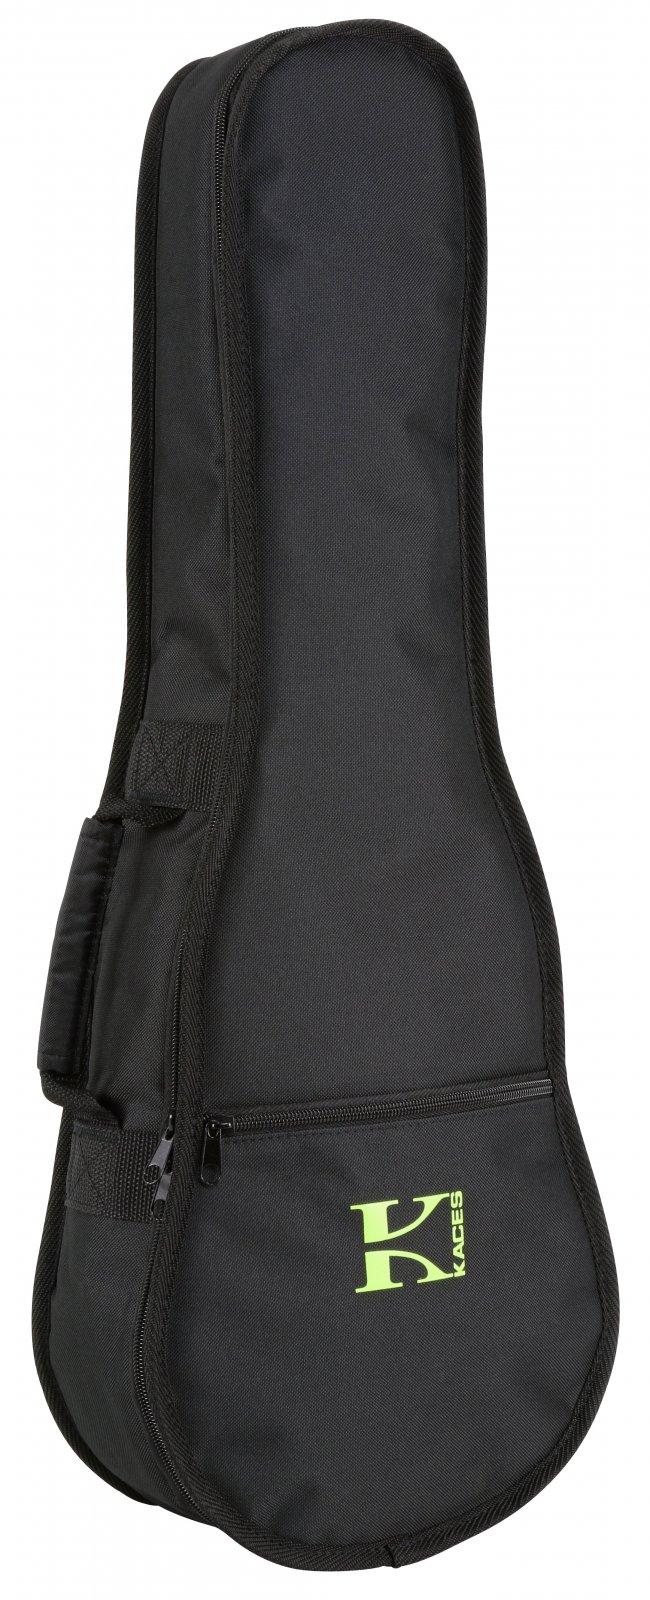 Kaces Concert Size Ukulele Bag (KEUC1)